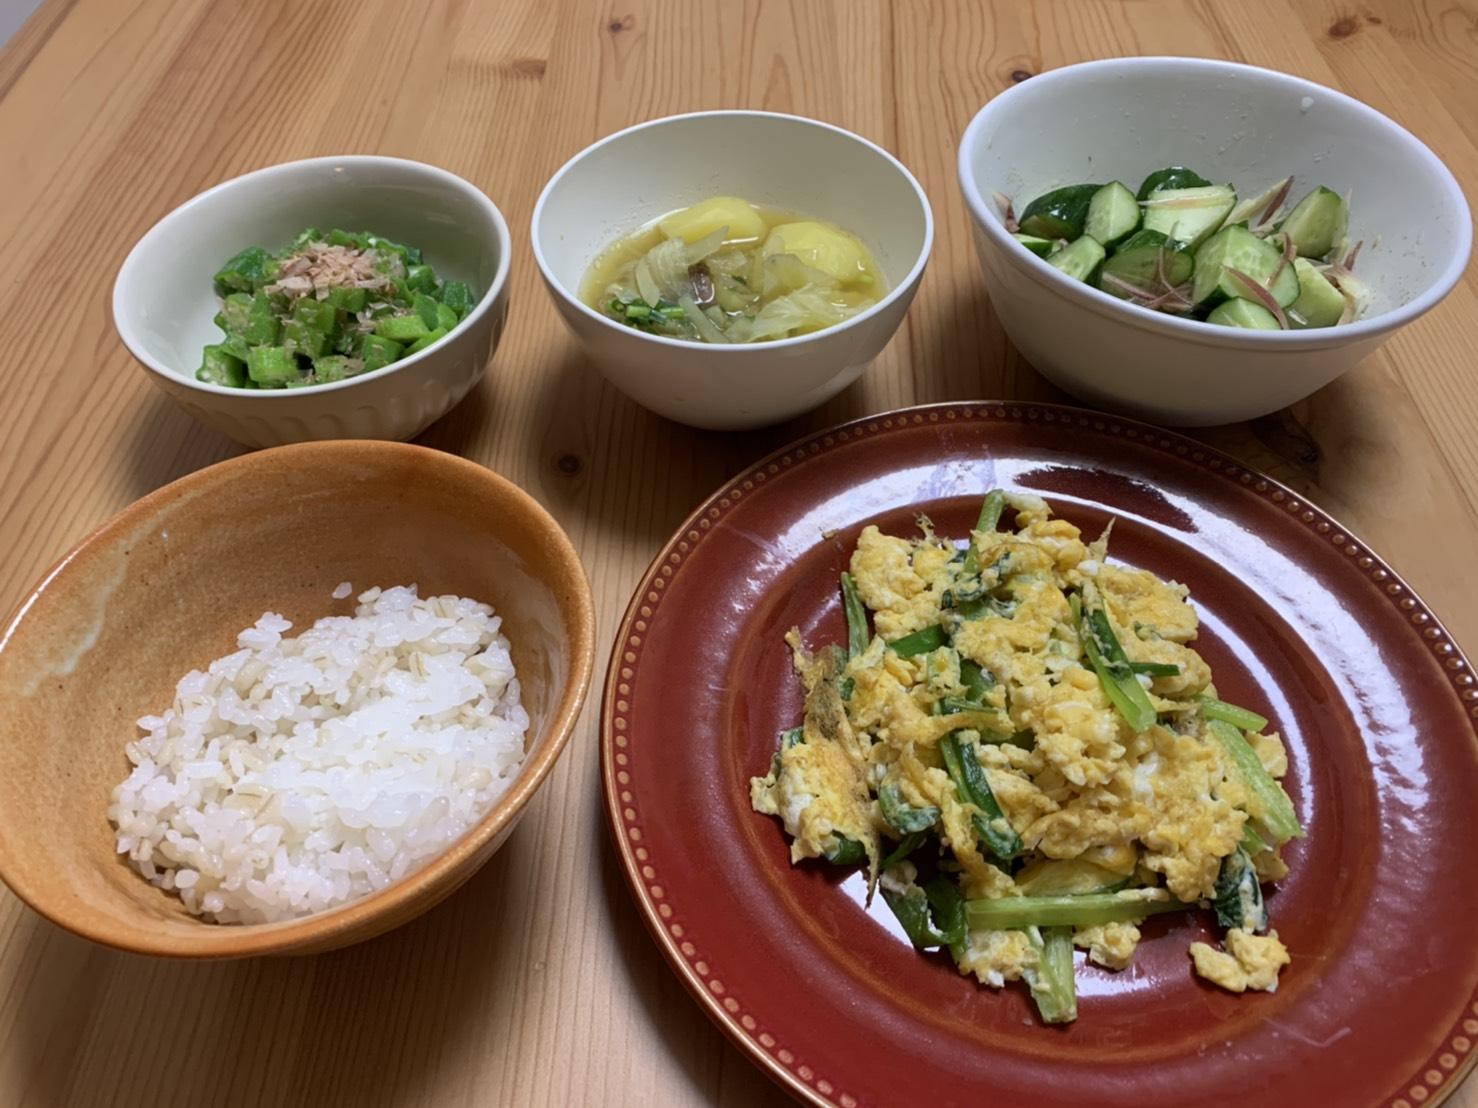 坂ノ途中野菜セットの口コミ評判レビューブログ!レシピ作成